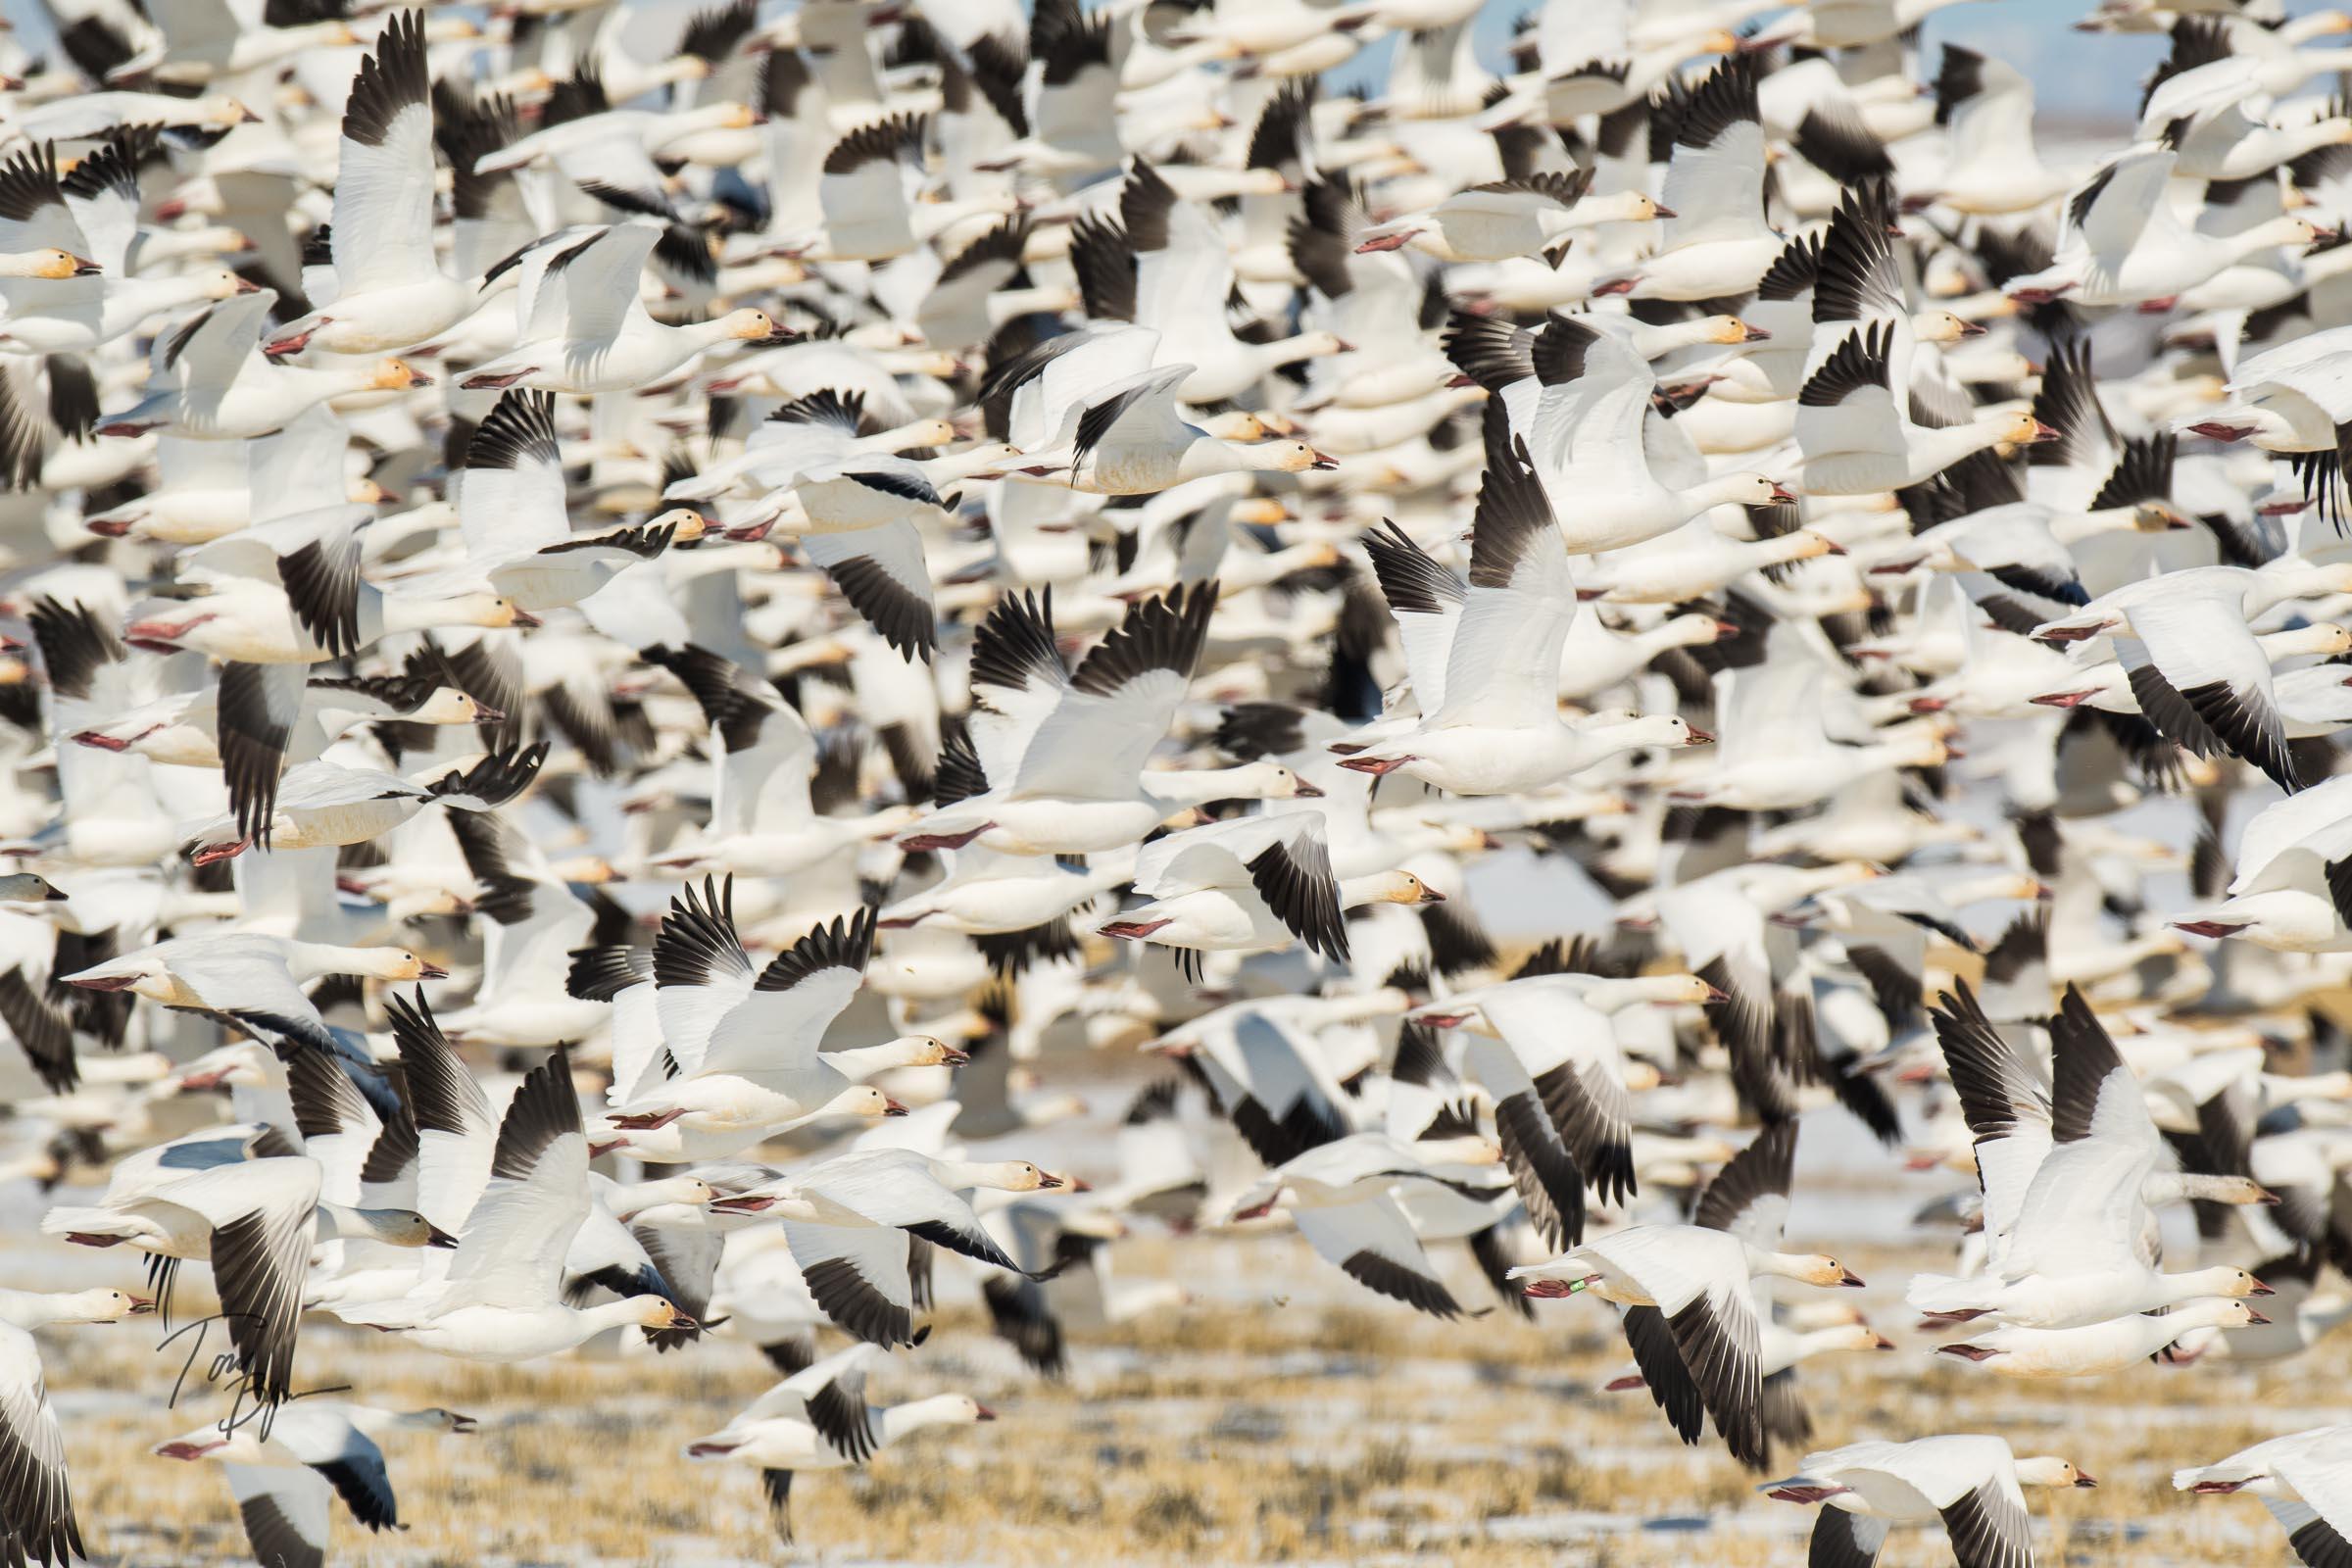 snow-geese-bynum-2464.JPG